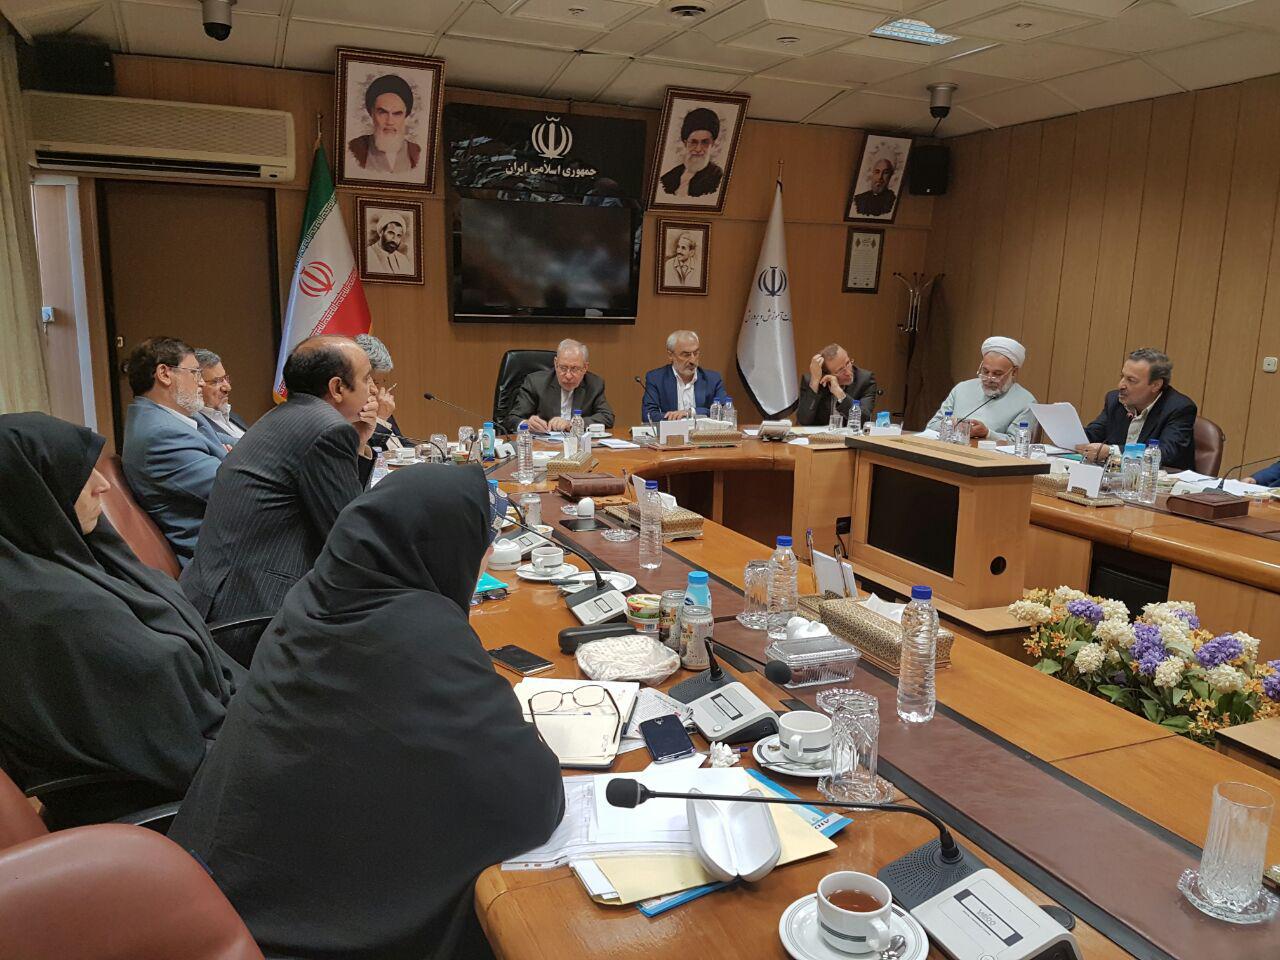 جلسه کمیسیون آموزش و تحقیقات مجلس با دکتر فانی وزیر آموزش و پرورش (4)